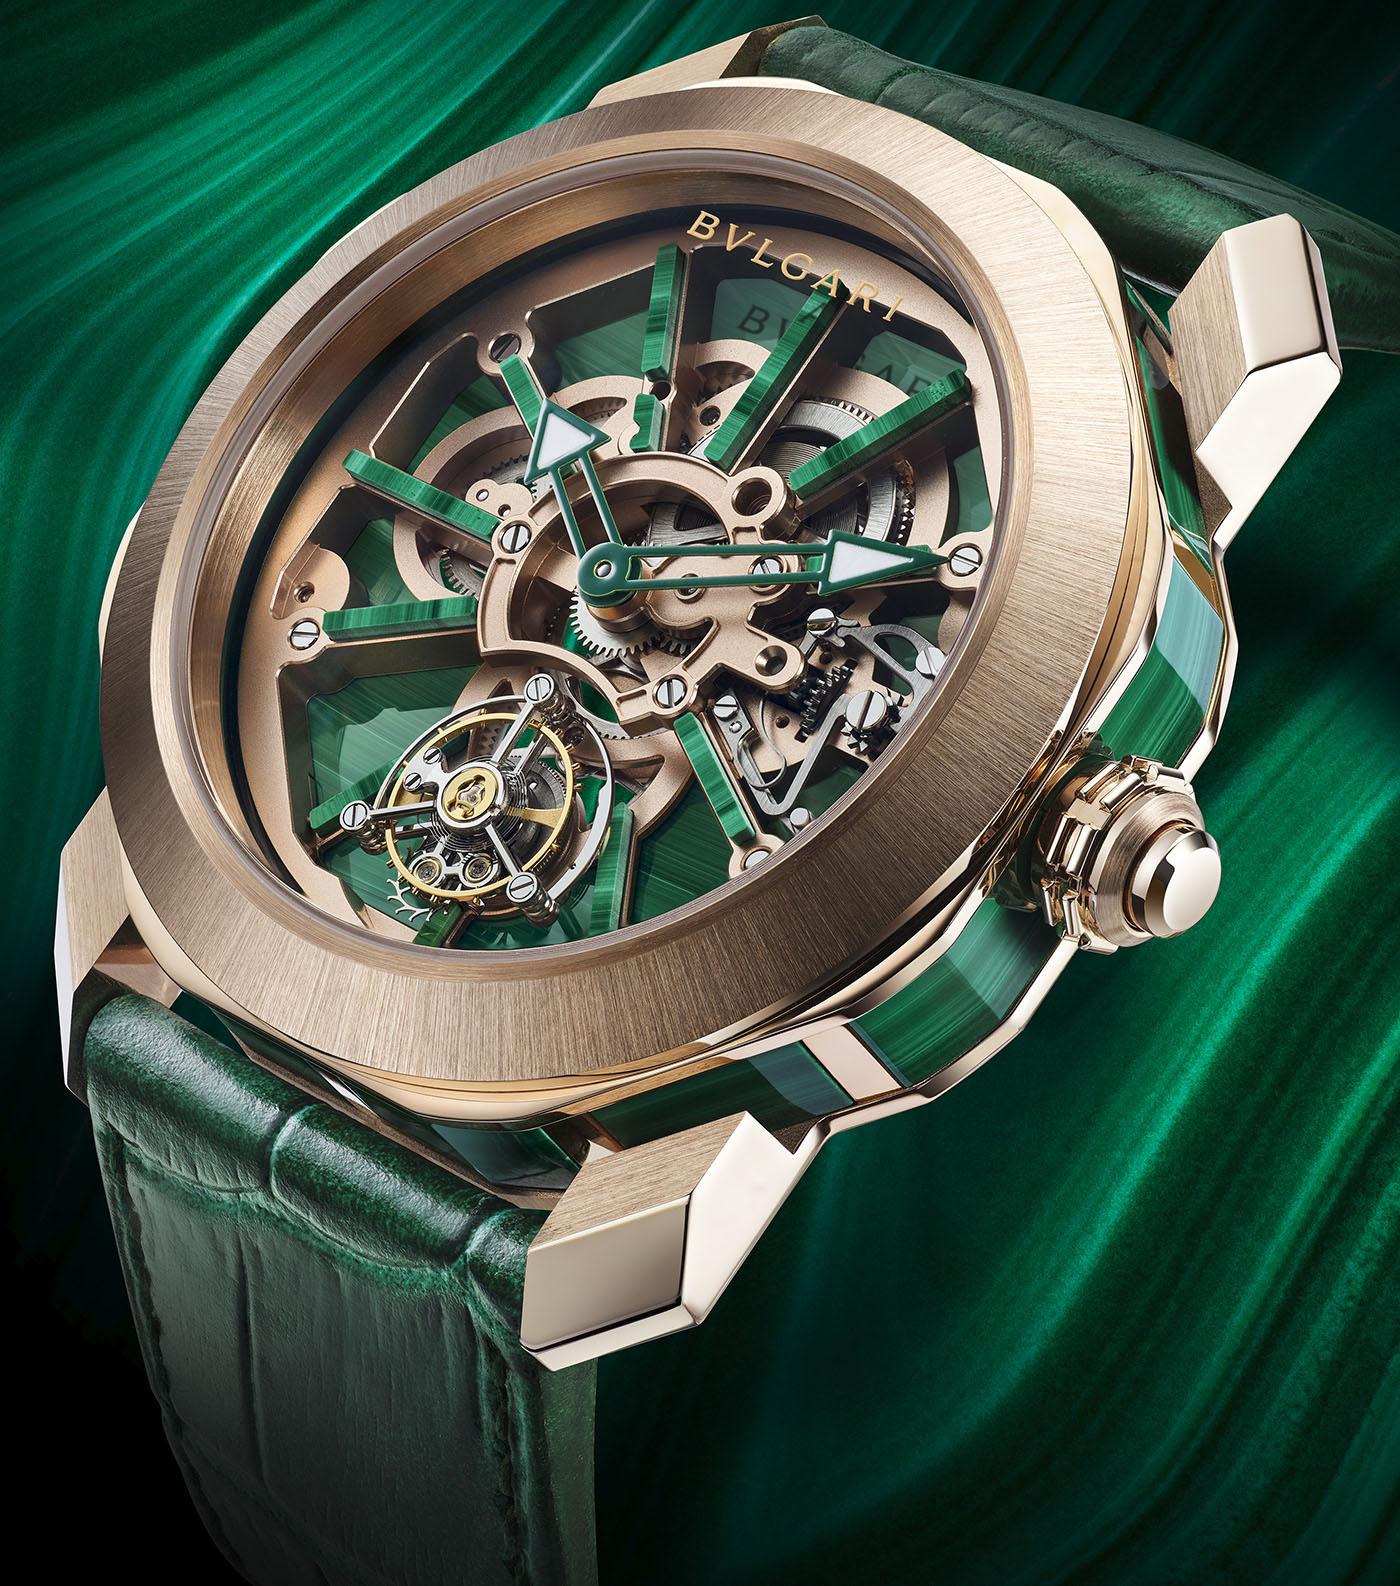 Bulgari объявляет о выпуске серии часов Octo Roma Naturalia с возможностью индивидуальной настройки